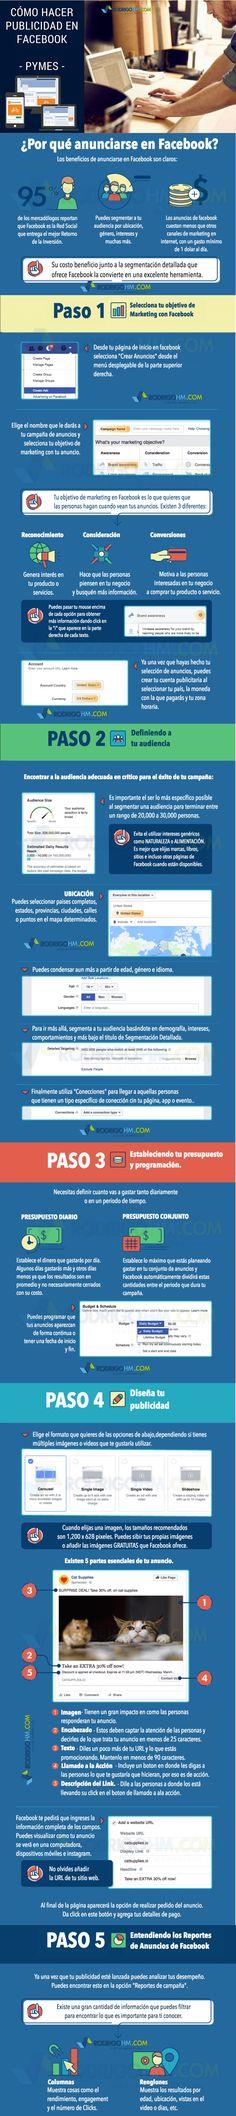 Cómo hacer publicidad en Facebook #SocialMedia #Facebook